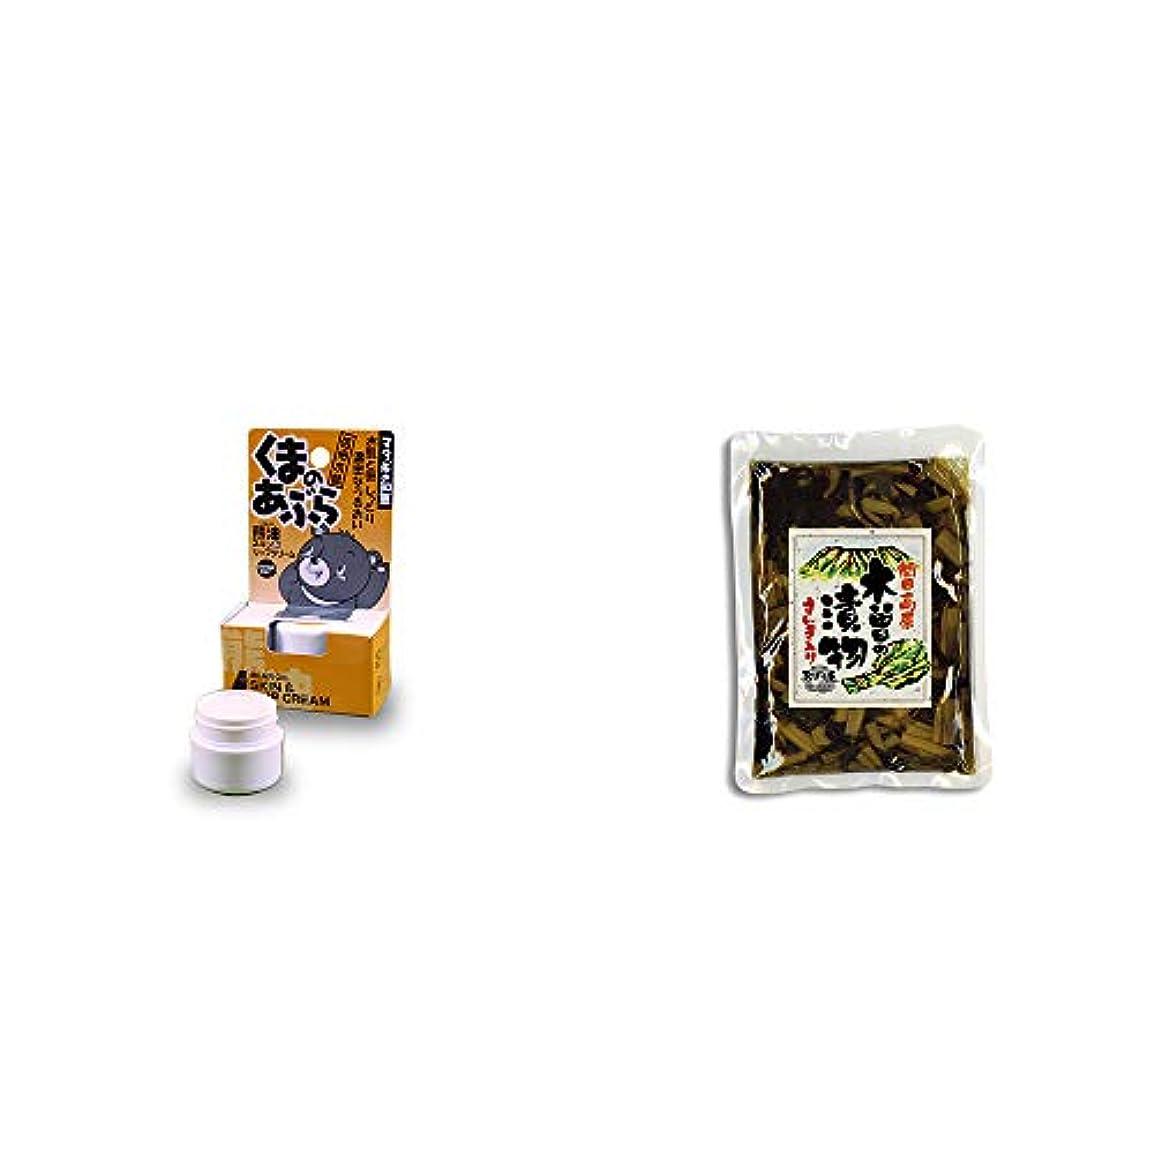 リンク解放撤退[2点セット] 信州木曽 くまのあぶら 熊油スキン&リップクリーム(9g)?【年中販売】木曽の漬物 すんき入り(200g) / すんき漬け味付加工品 //